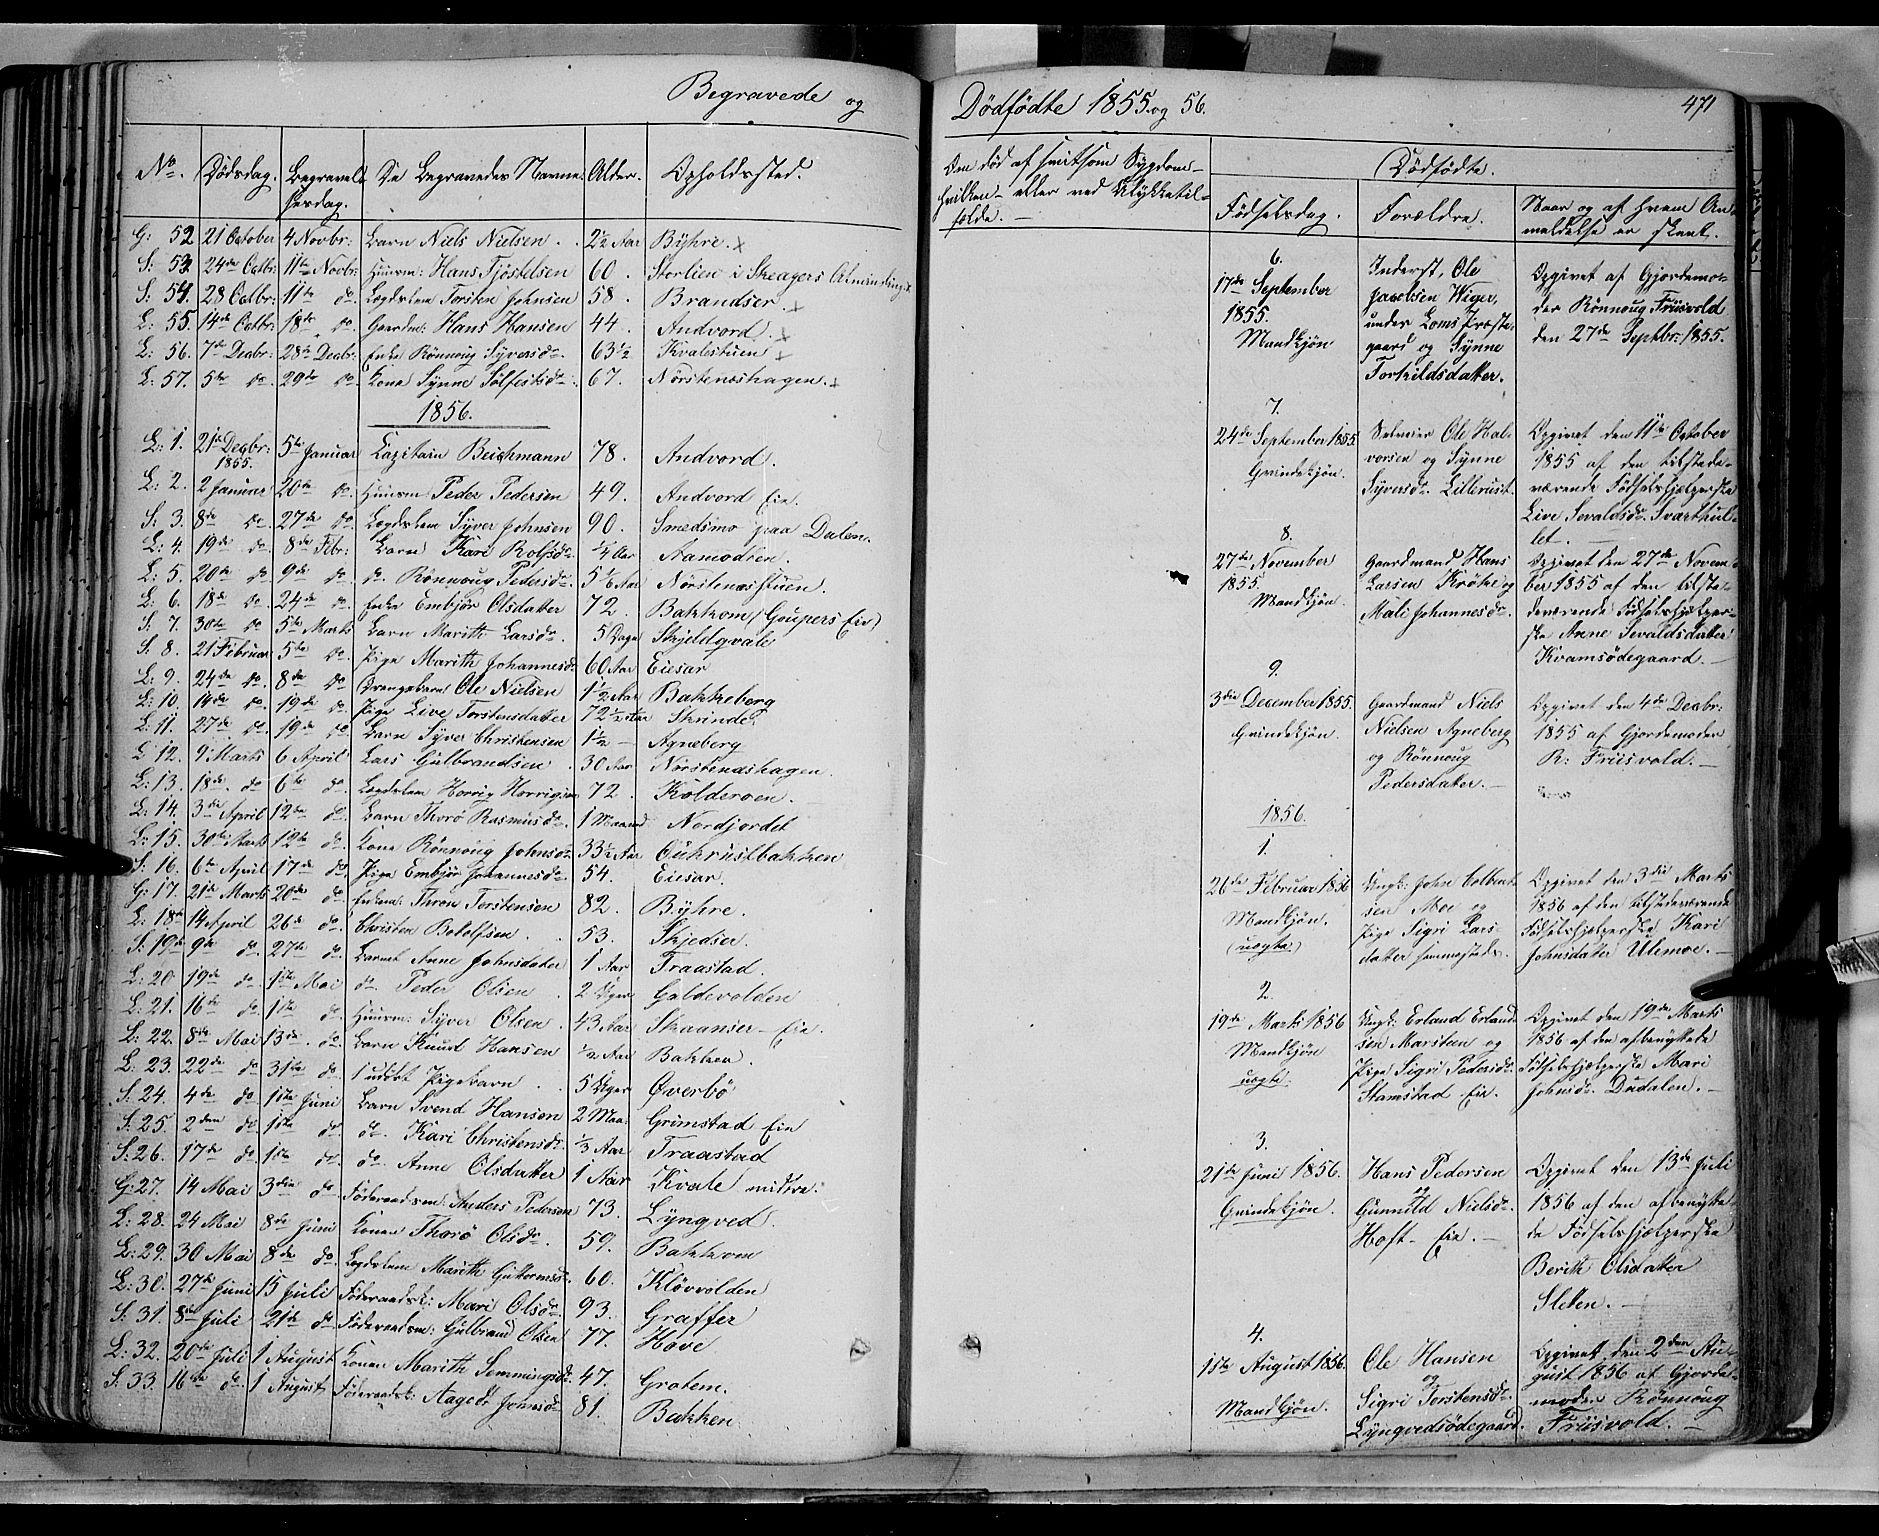 SAH, Lom prestekontor, K/L0006: Ministerialbok nr. 6B, 1837-1863, s. 471